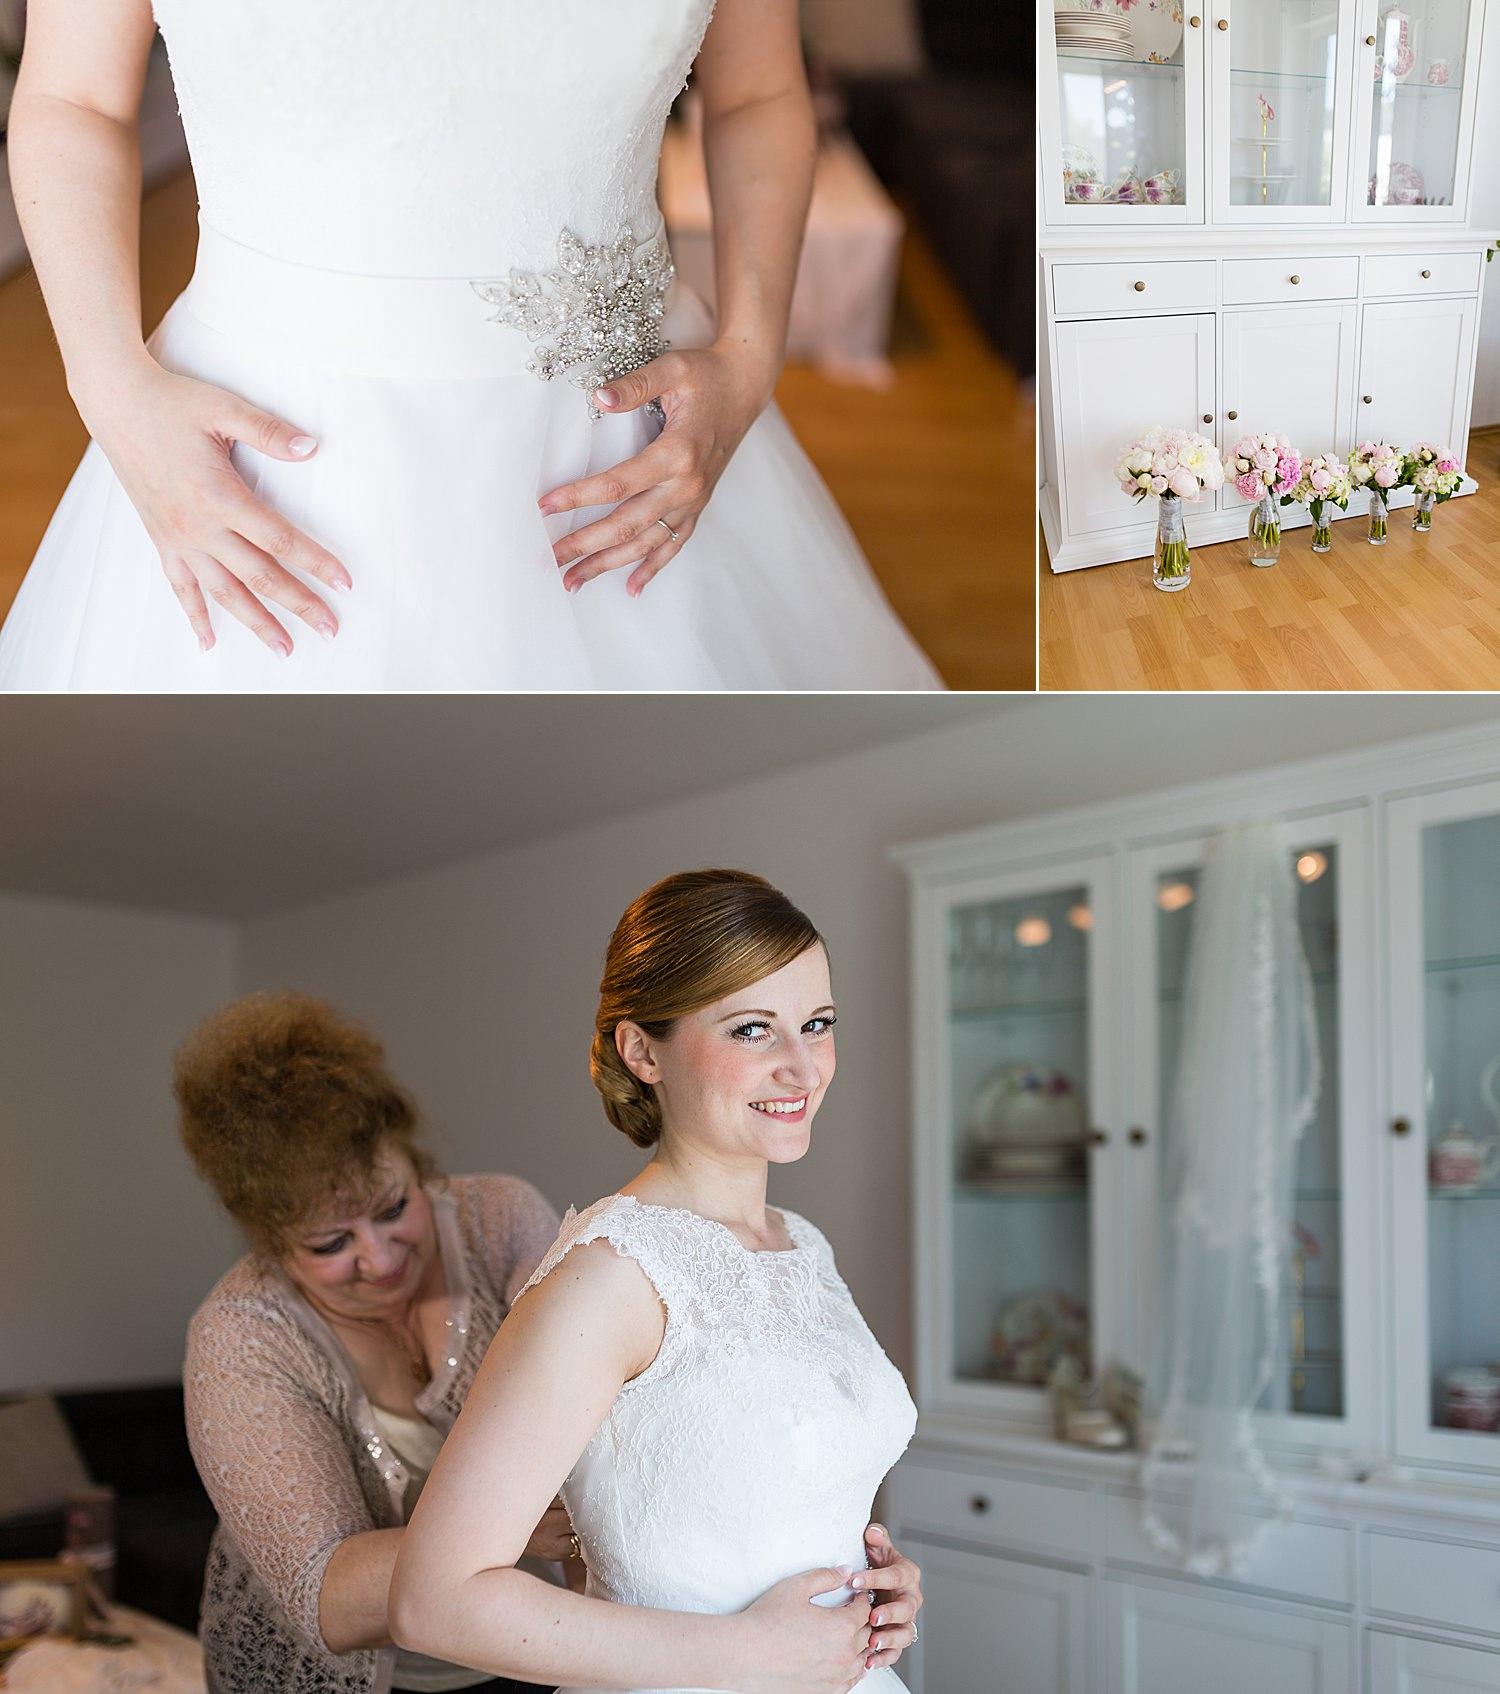 Vorbereitungen für einen entspannten Hochzeitsmorgen